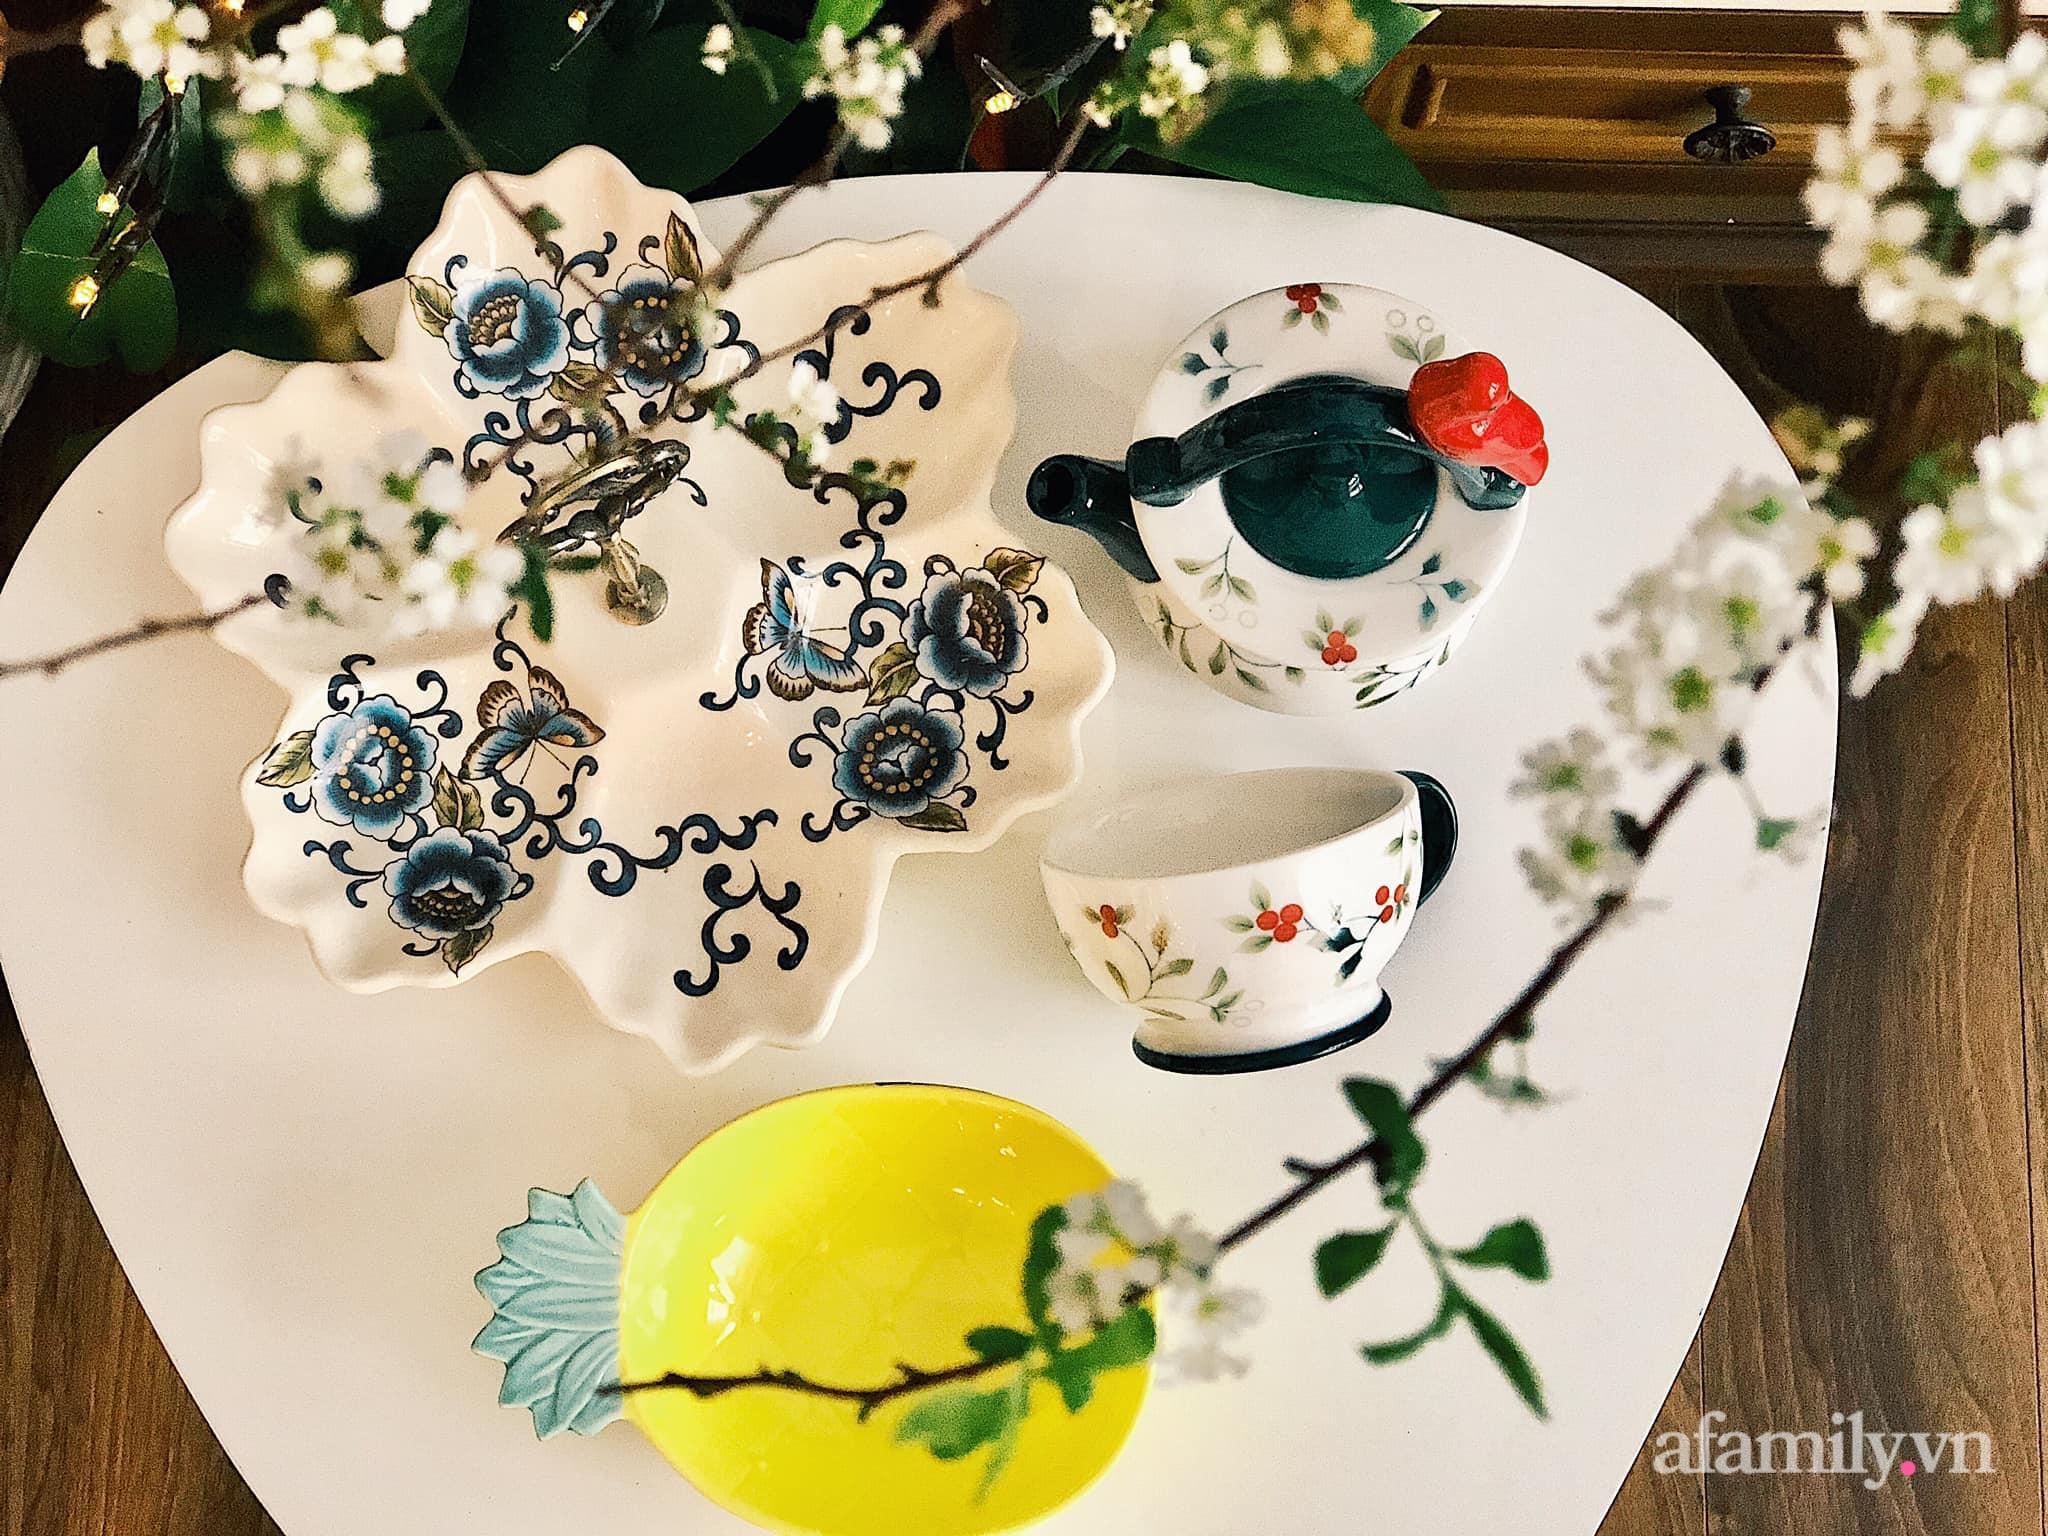 Mẻ đảm Hà Nội khéo mang Tết vào tổ ấm đẹp duyên dáng với gốm và hoa - Ảnh 7.